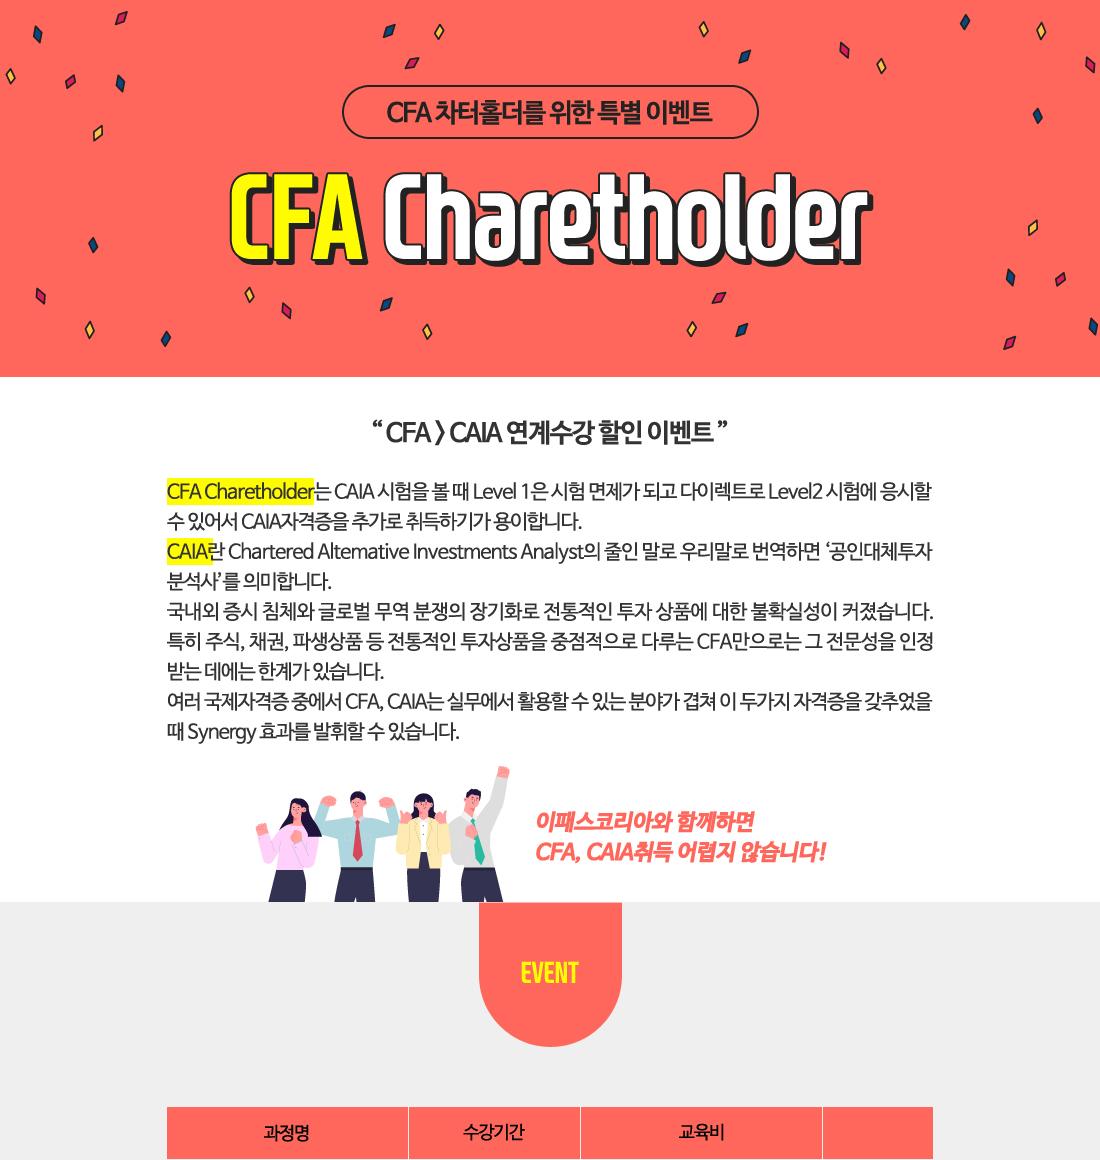 CFA 차터홀더를 위한 특별 이벤트